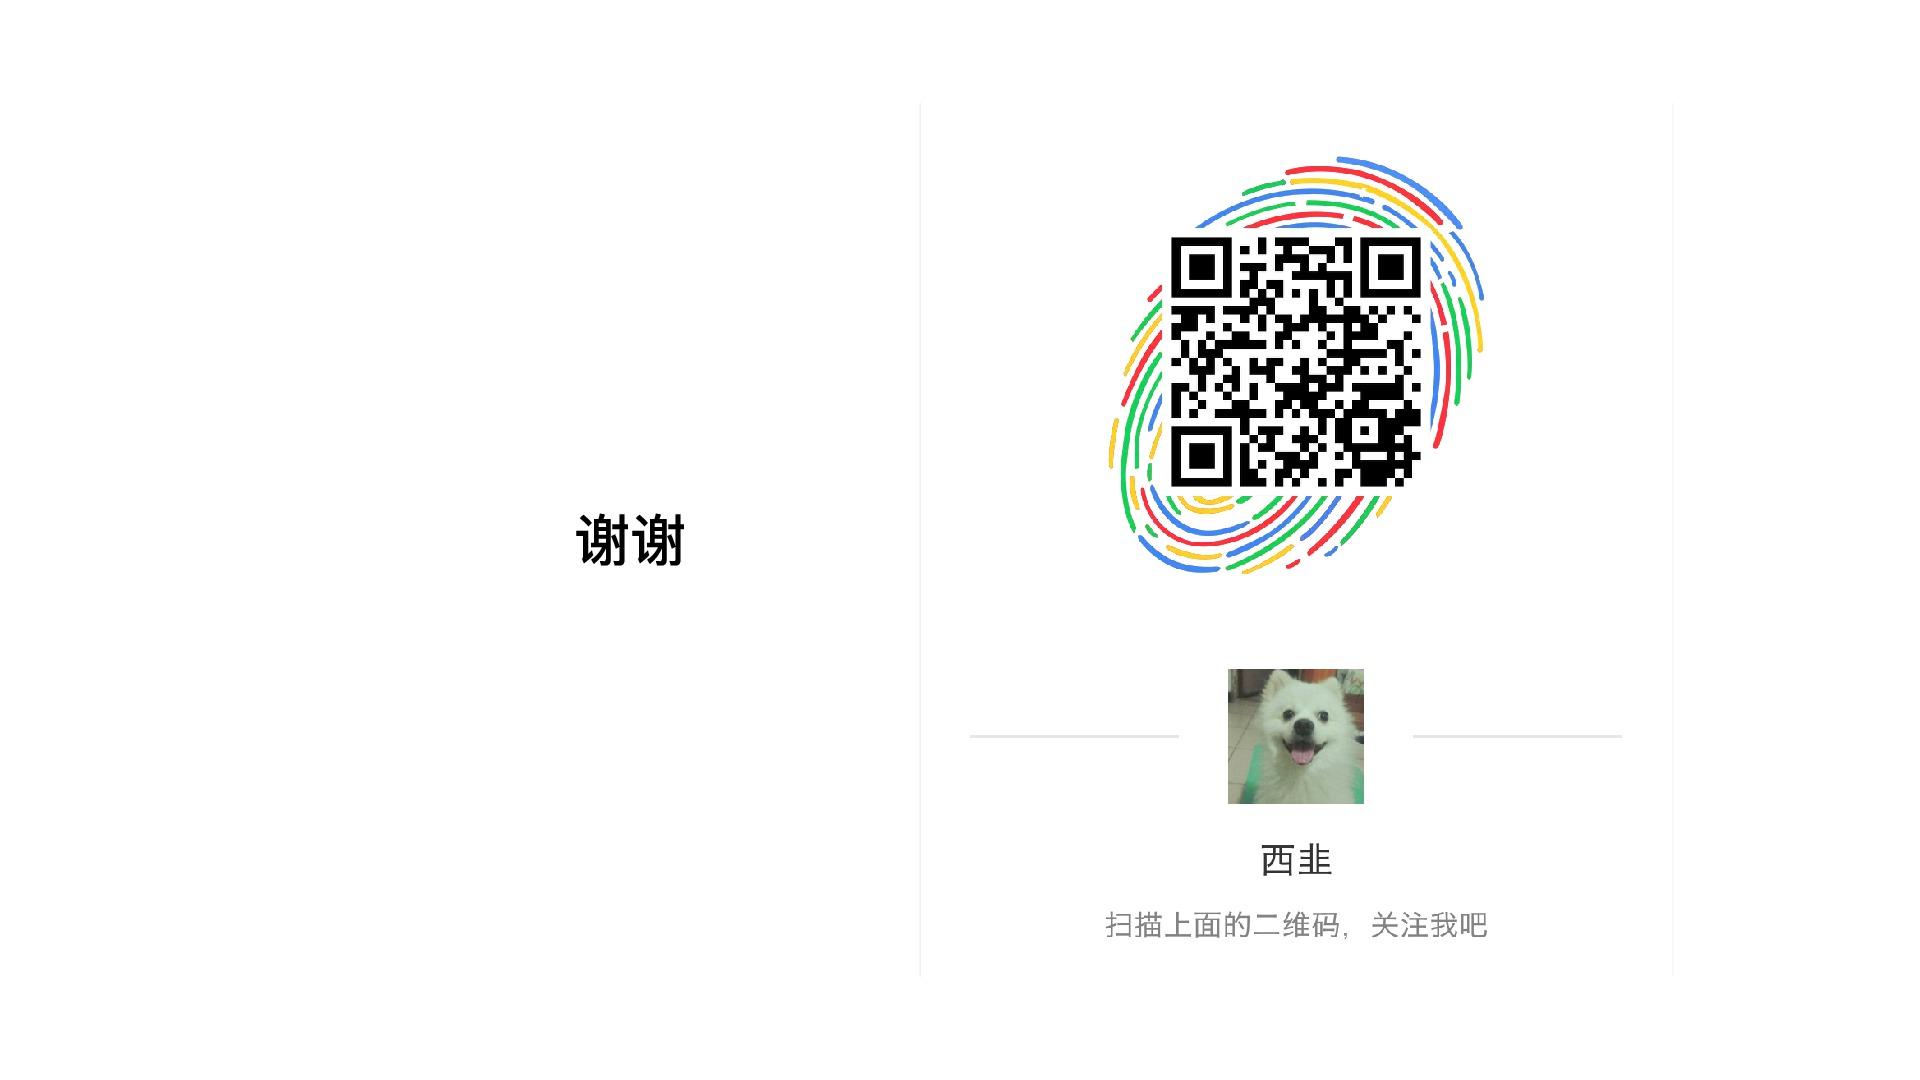 https://opentalk-blog.b0.upaiyun.com/prod/2018-07-28/d71ec0b0fa5cc58c8d09a624d6653fca